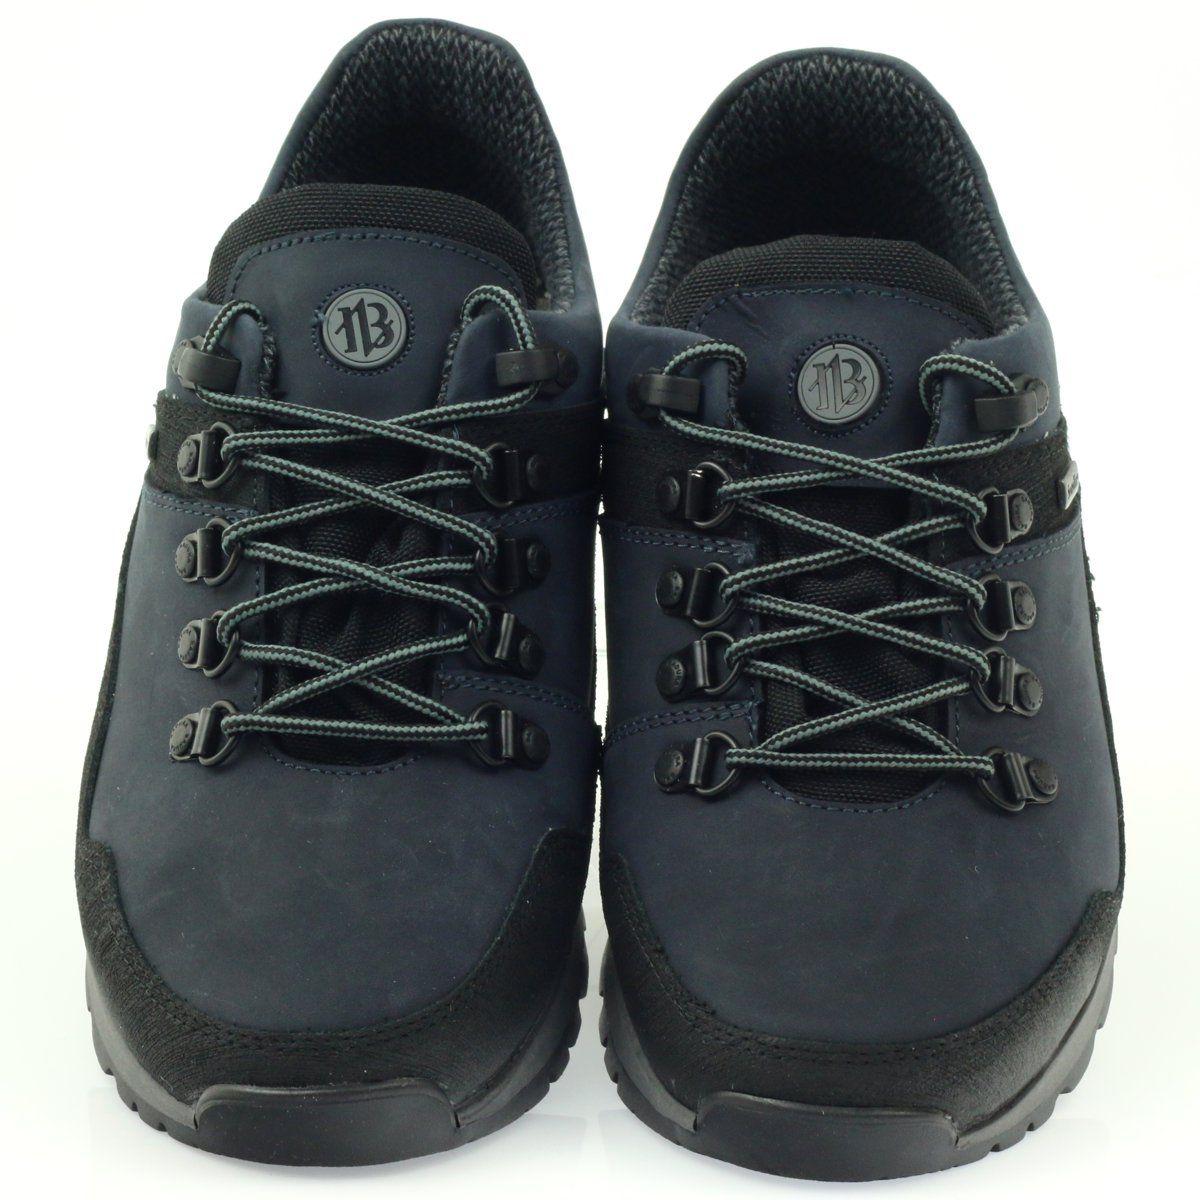 Trekkingi Z Membrana Sympatex Badura 3141 Granatowe Trekking Shoes Shoes Women Heels Shoes Mens